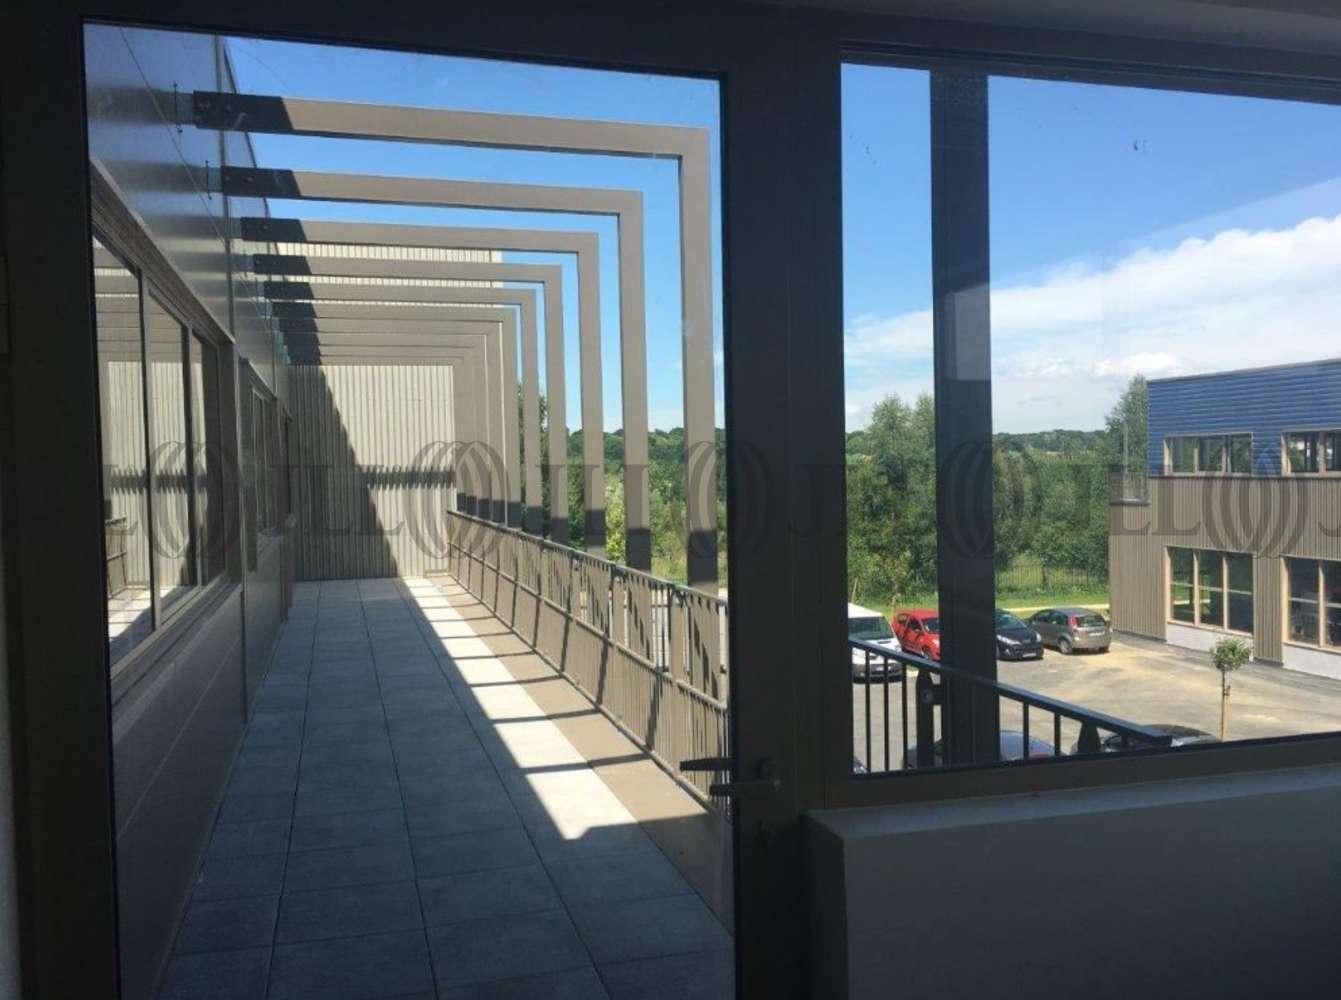 Activités/entrepôt Bois d arcy, 78390 - ZAC DE LA CROIX BONNET - PARC MELIES 3